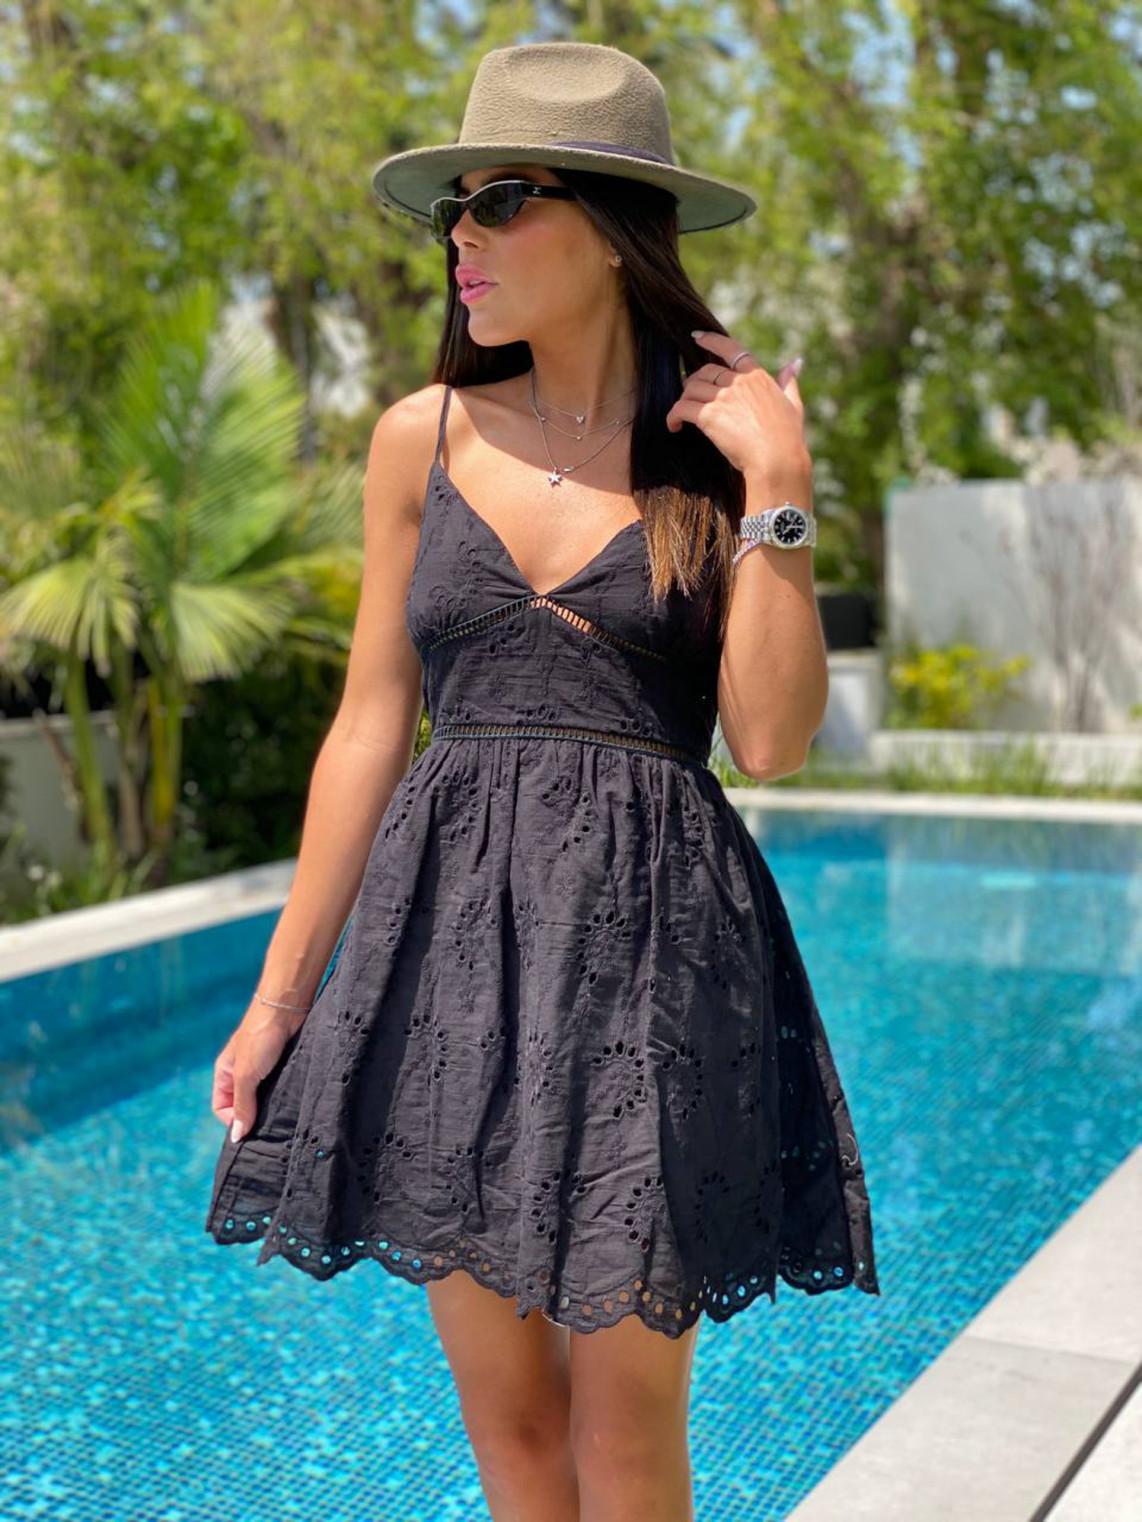 שמלה כתפיות סרט